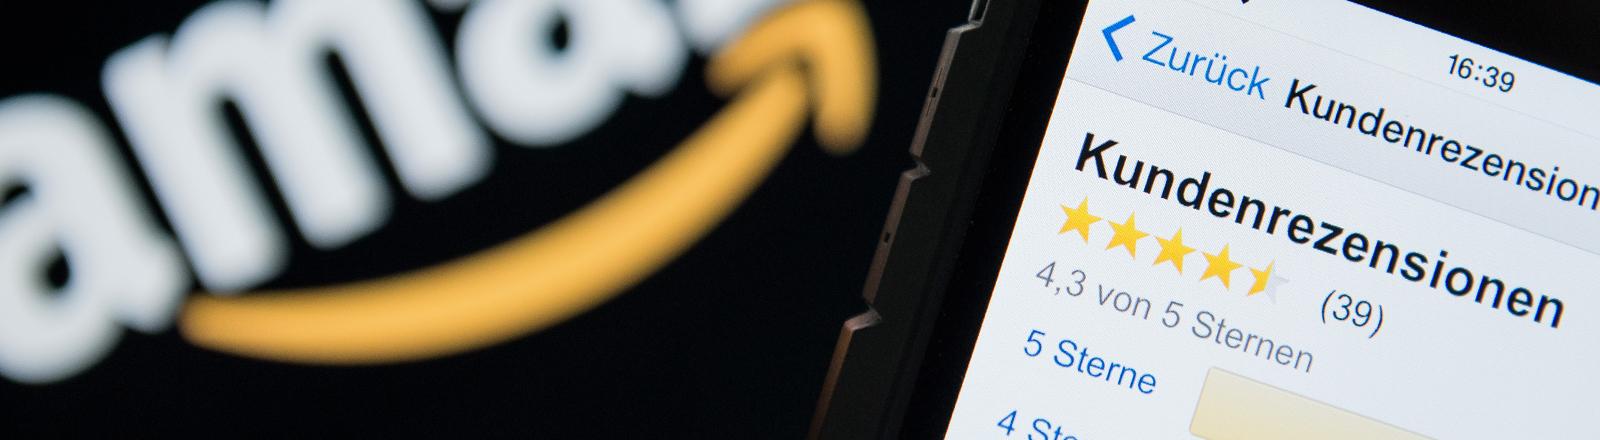 Ein Handy mit Amazon-Bewertungen und dem Amazon-Logo im Hintergrund.